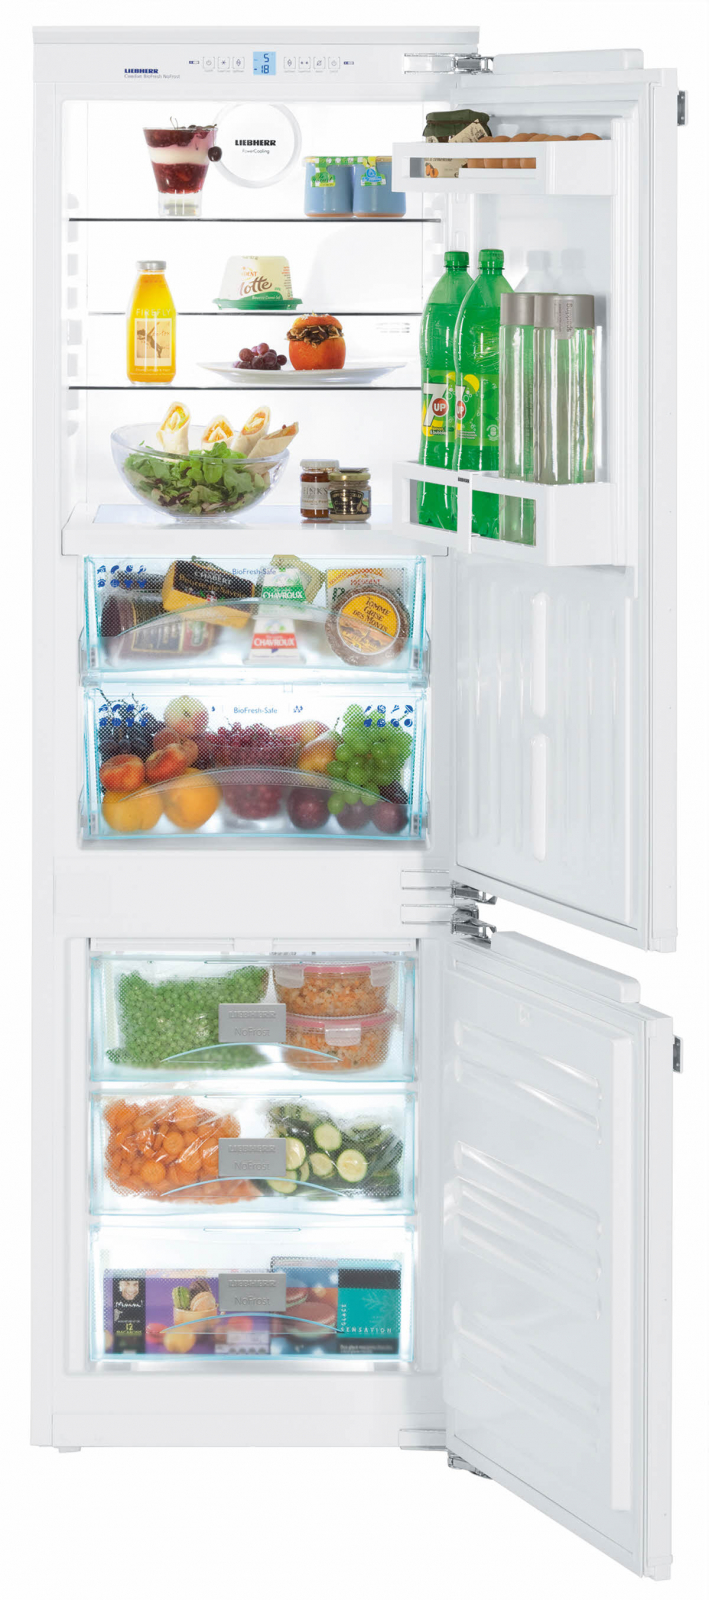 купить Встраиваемый двухкамерный холодильник Liebherr ICBN 3314 Украина фото 0